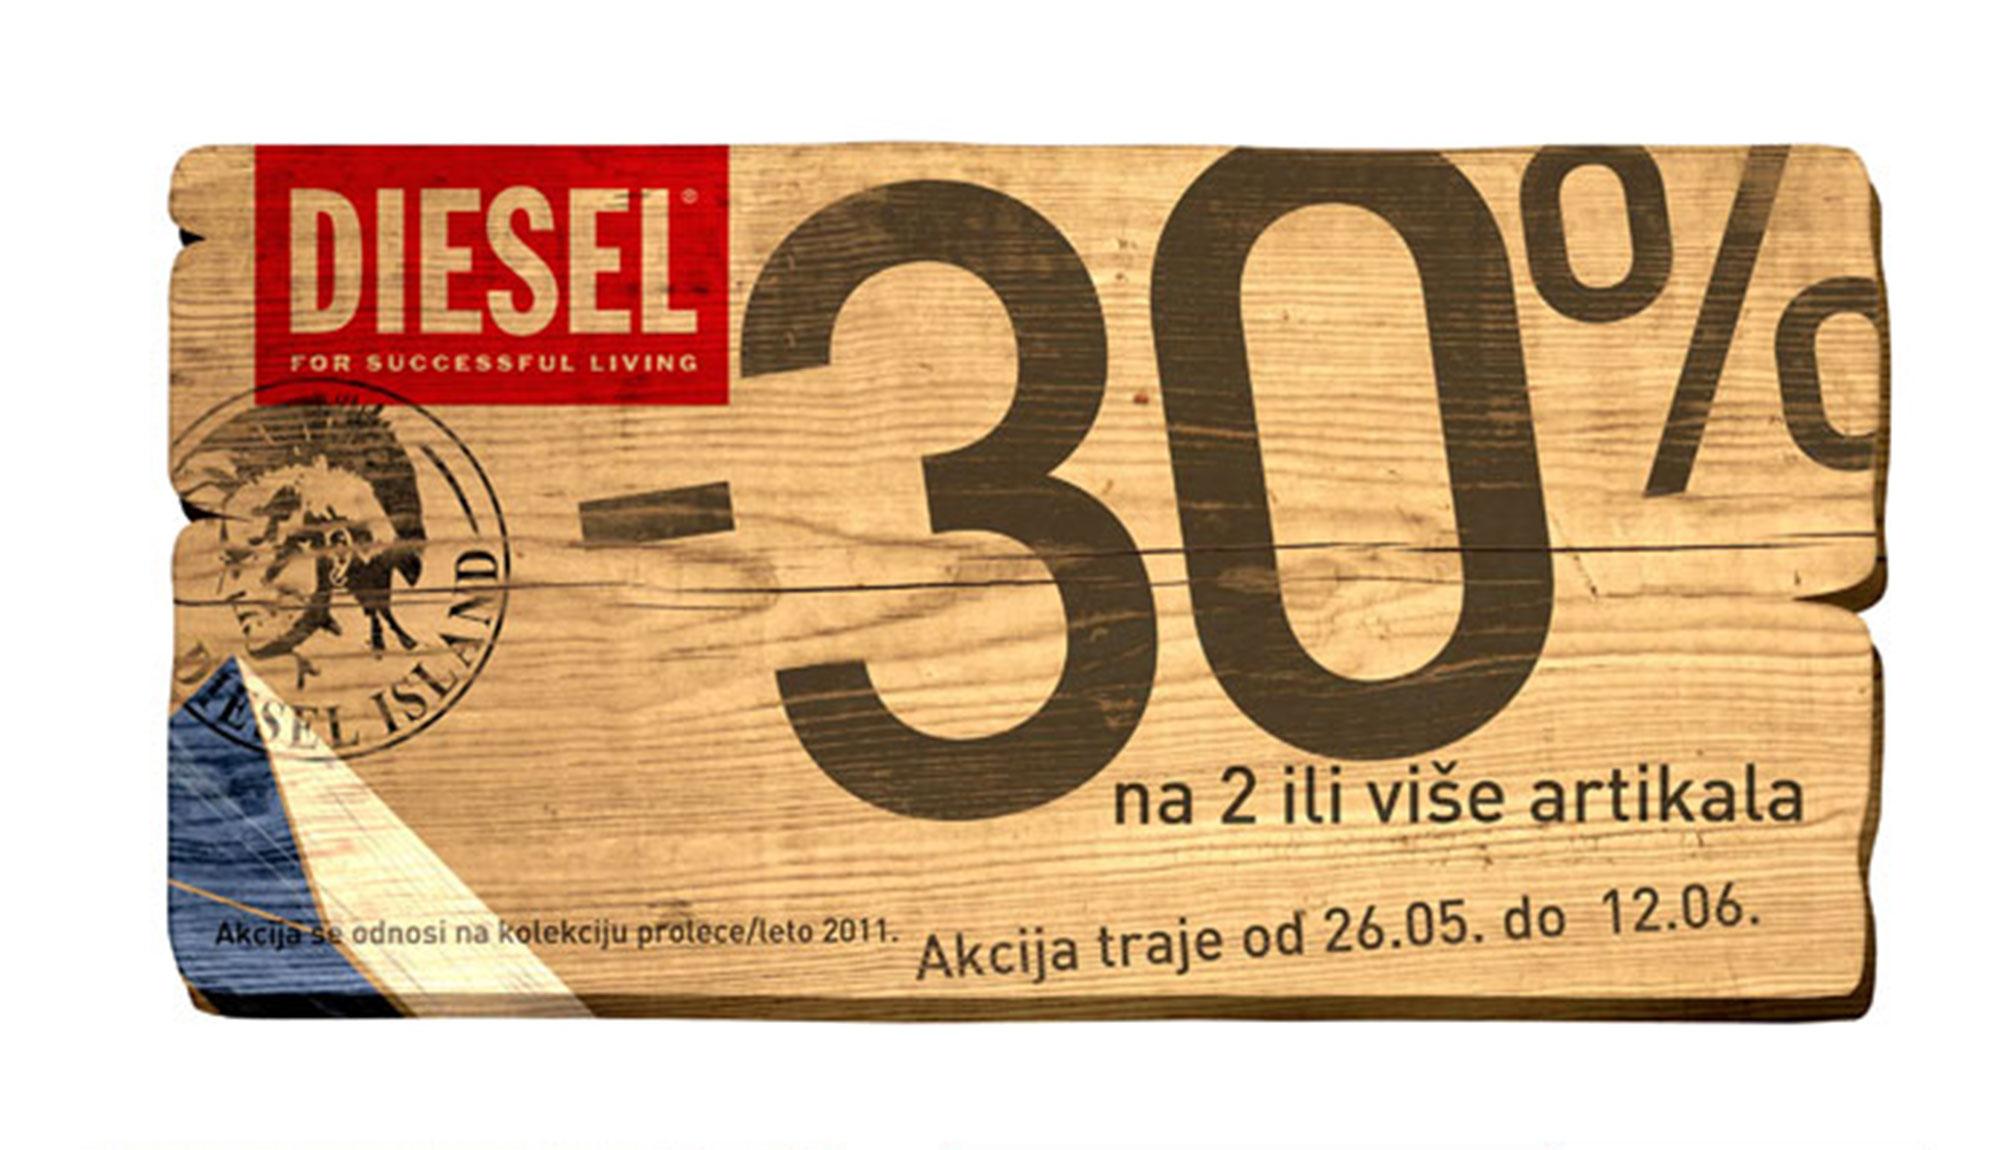 diesel sale